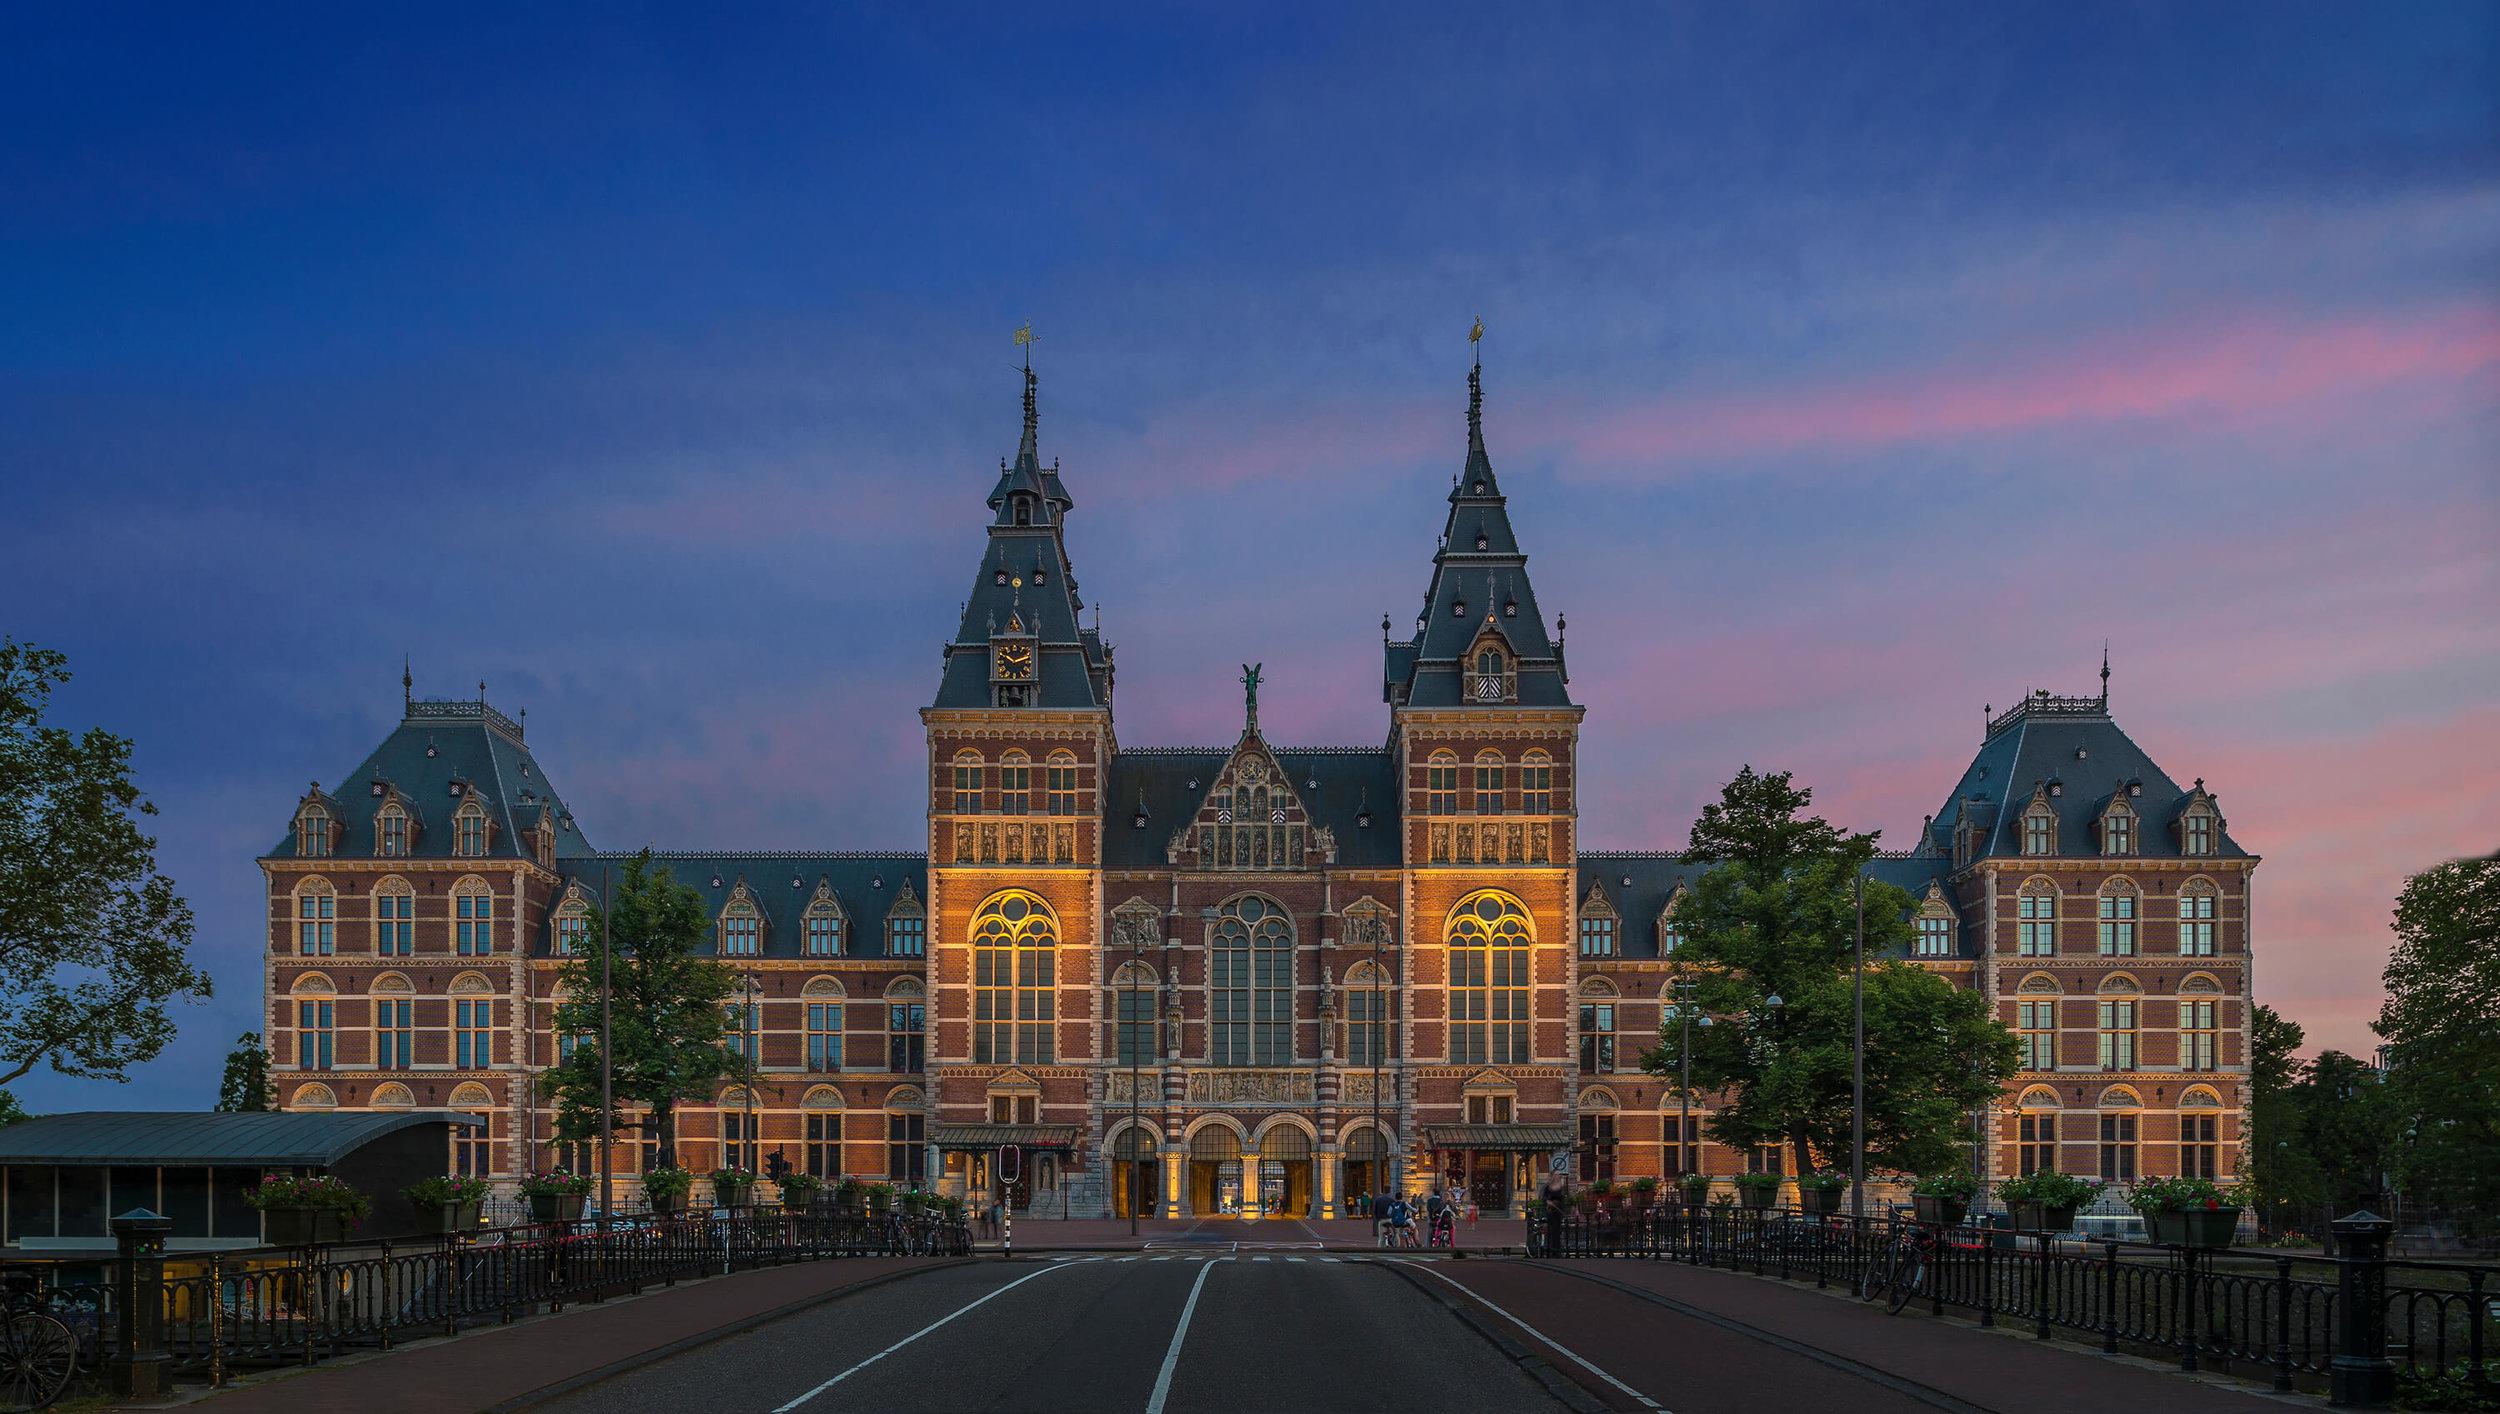 Rijksmuseum - 2014 - John Lewis Marshall - 04 (JPEG) (1).jpg